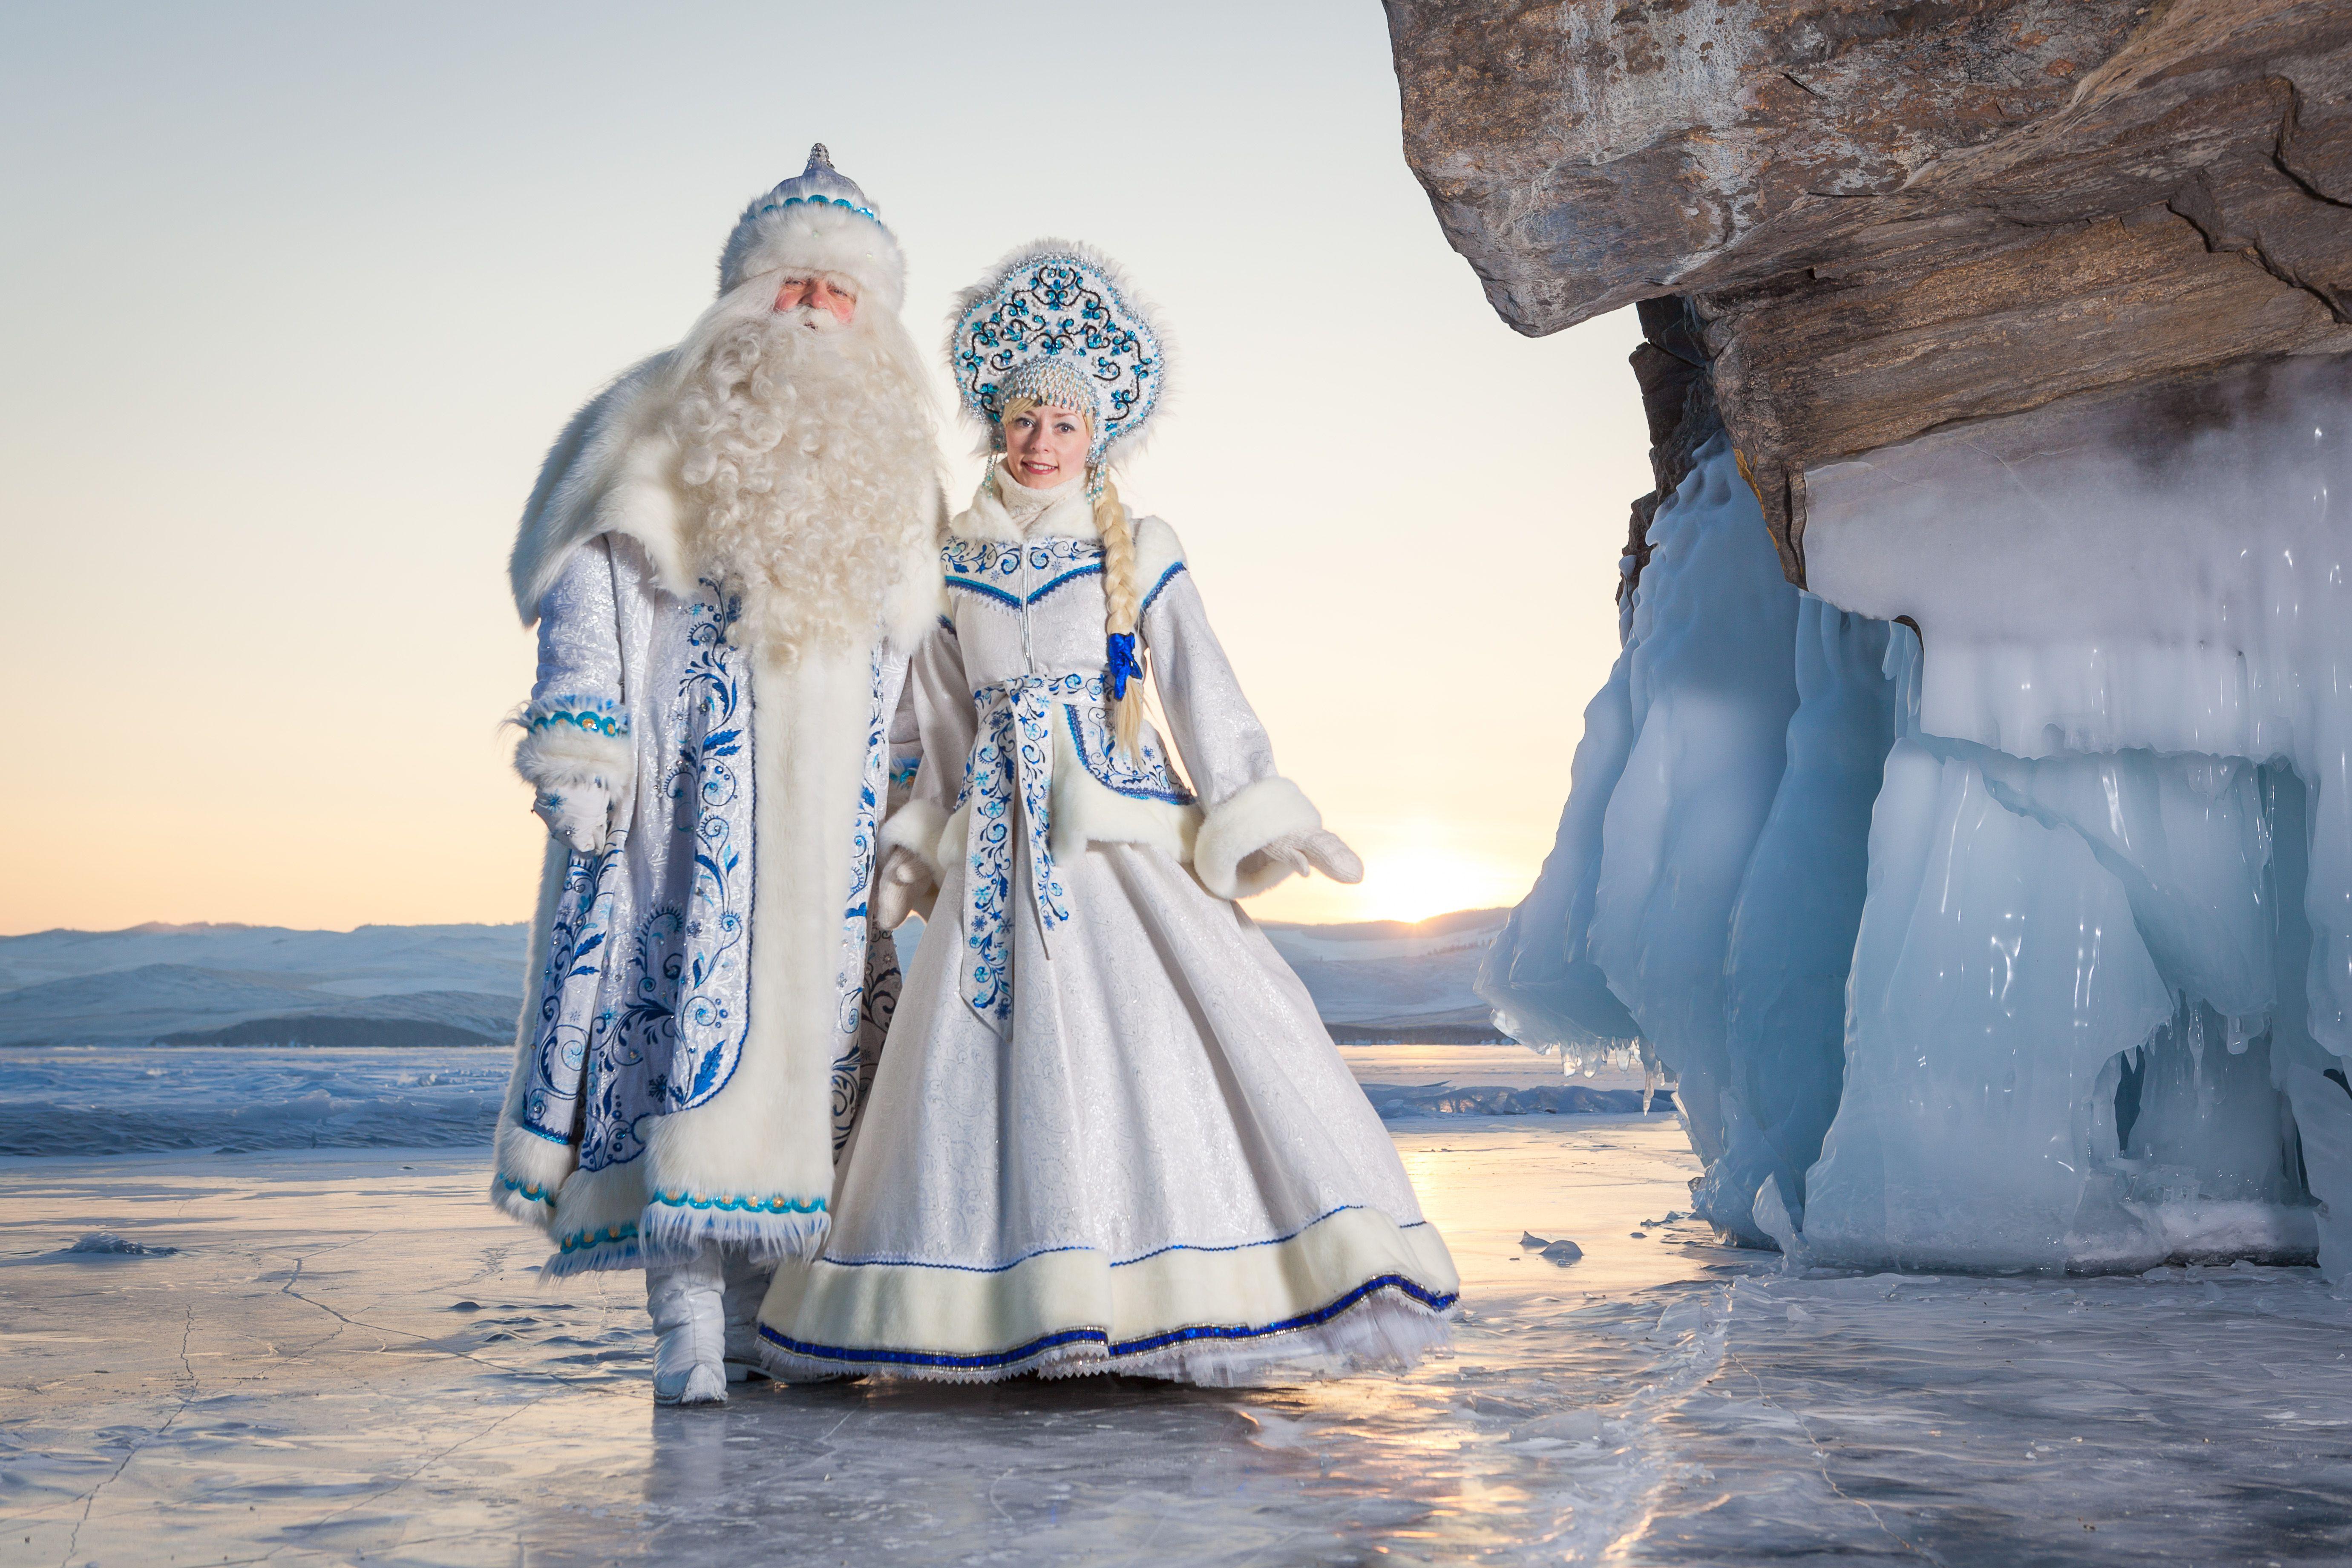 Bajkalskij Ded Moroz I Snegurochka Baikal Father Frost And Snow Maiden Ded Moroz Detskie Meropriyatiya Karnavalnye Kostyumy